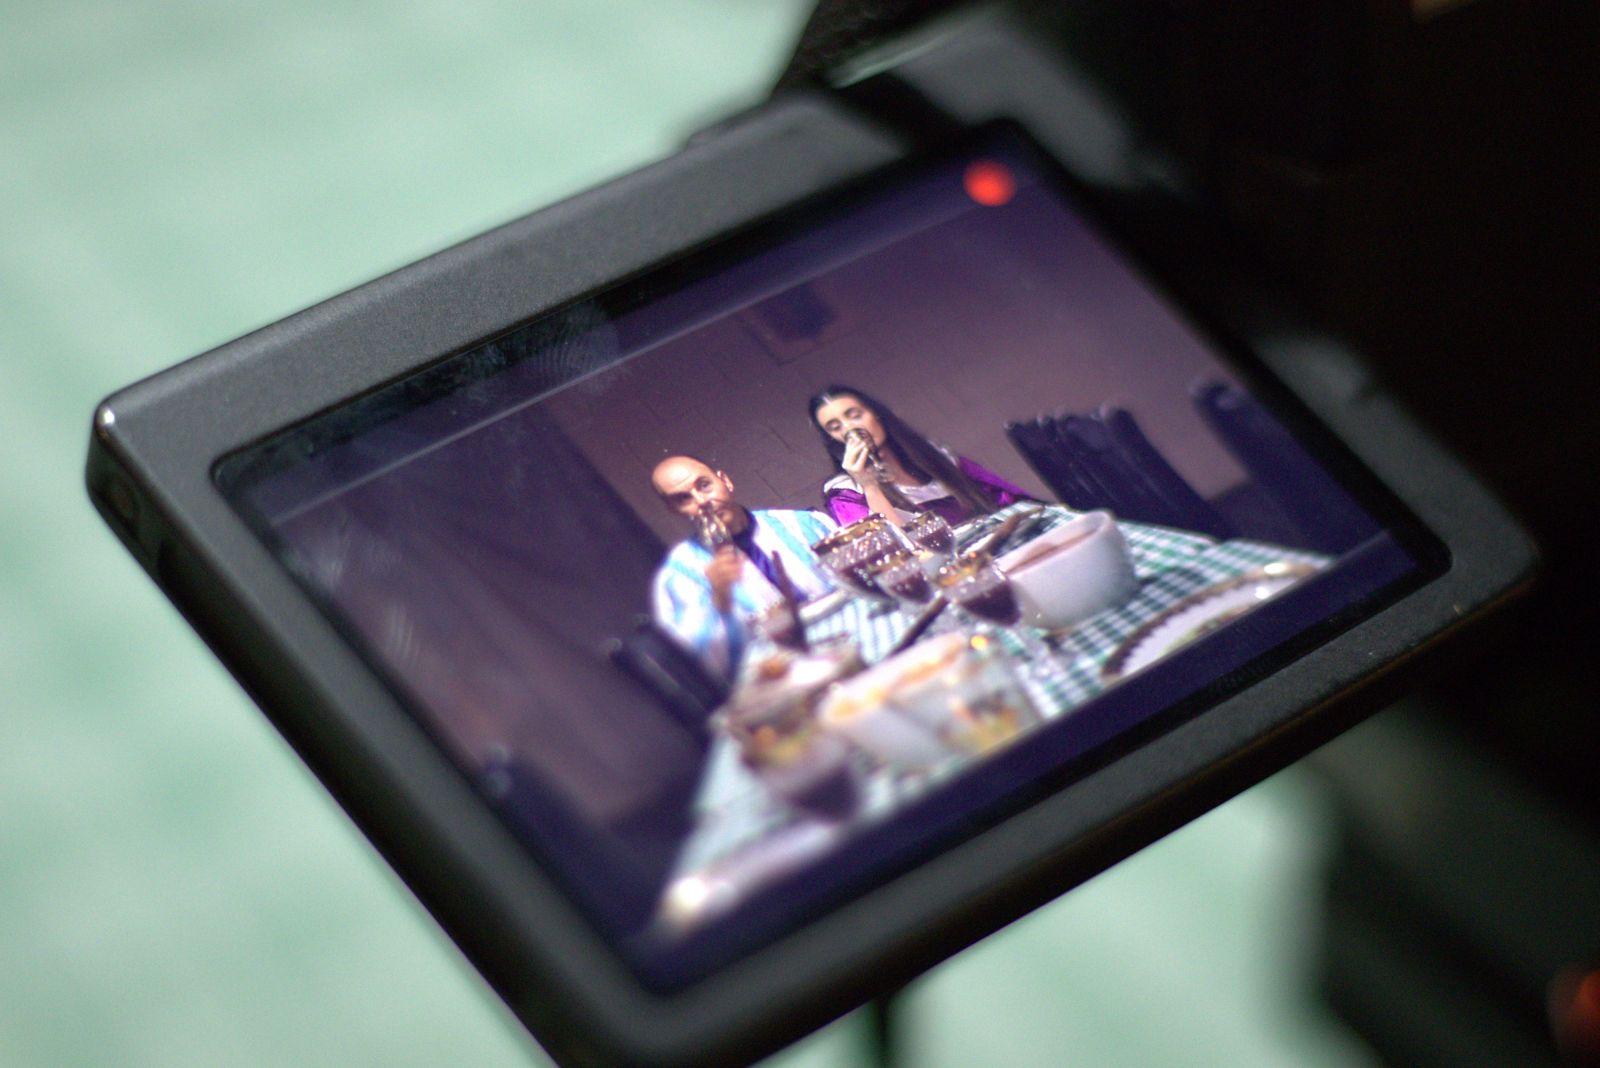 Imagem tirada no restaurante Cesário 's, que representa Gremilda e Grúmio.  Foto/Reprodução: Túlio Casagrande.